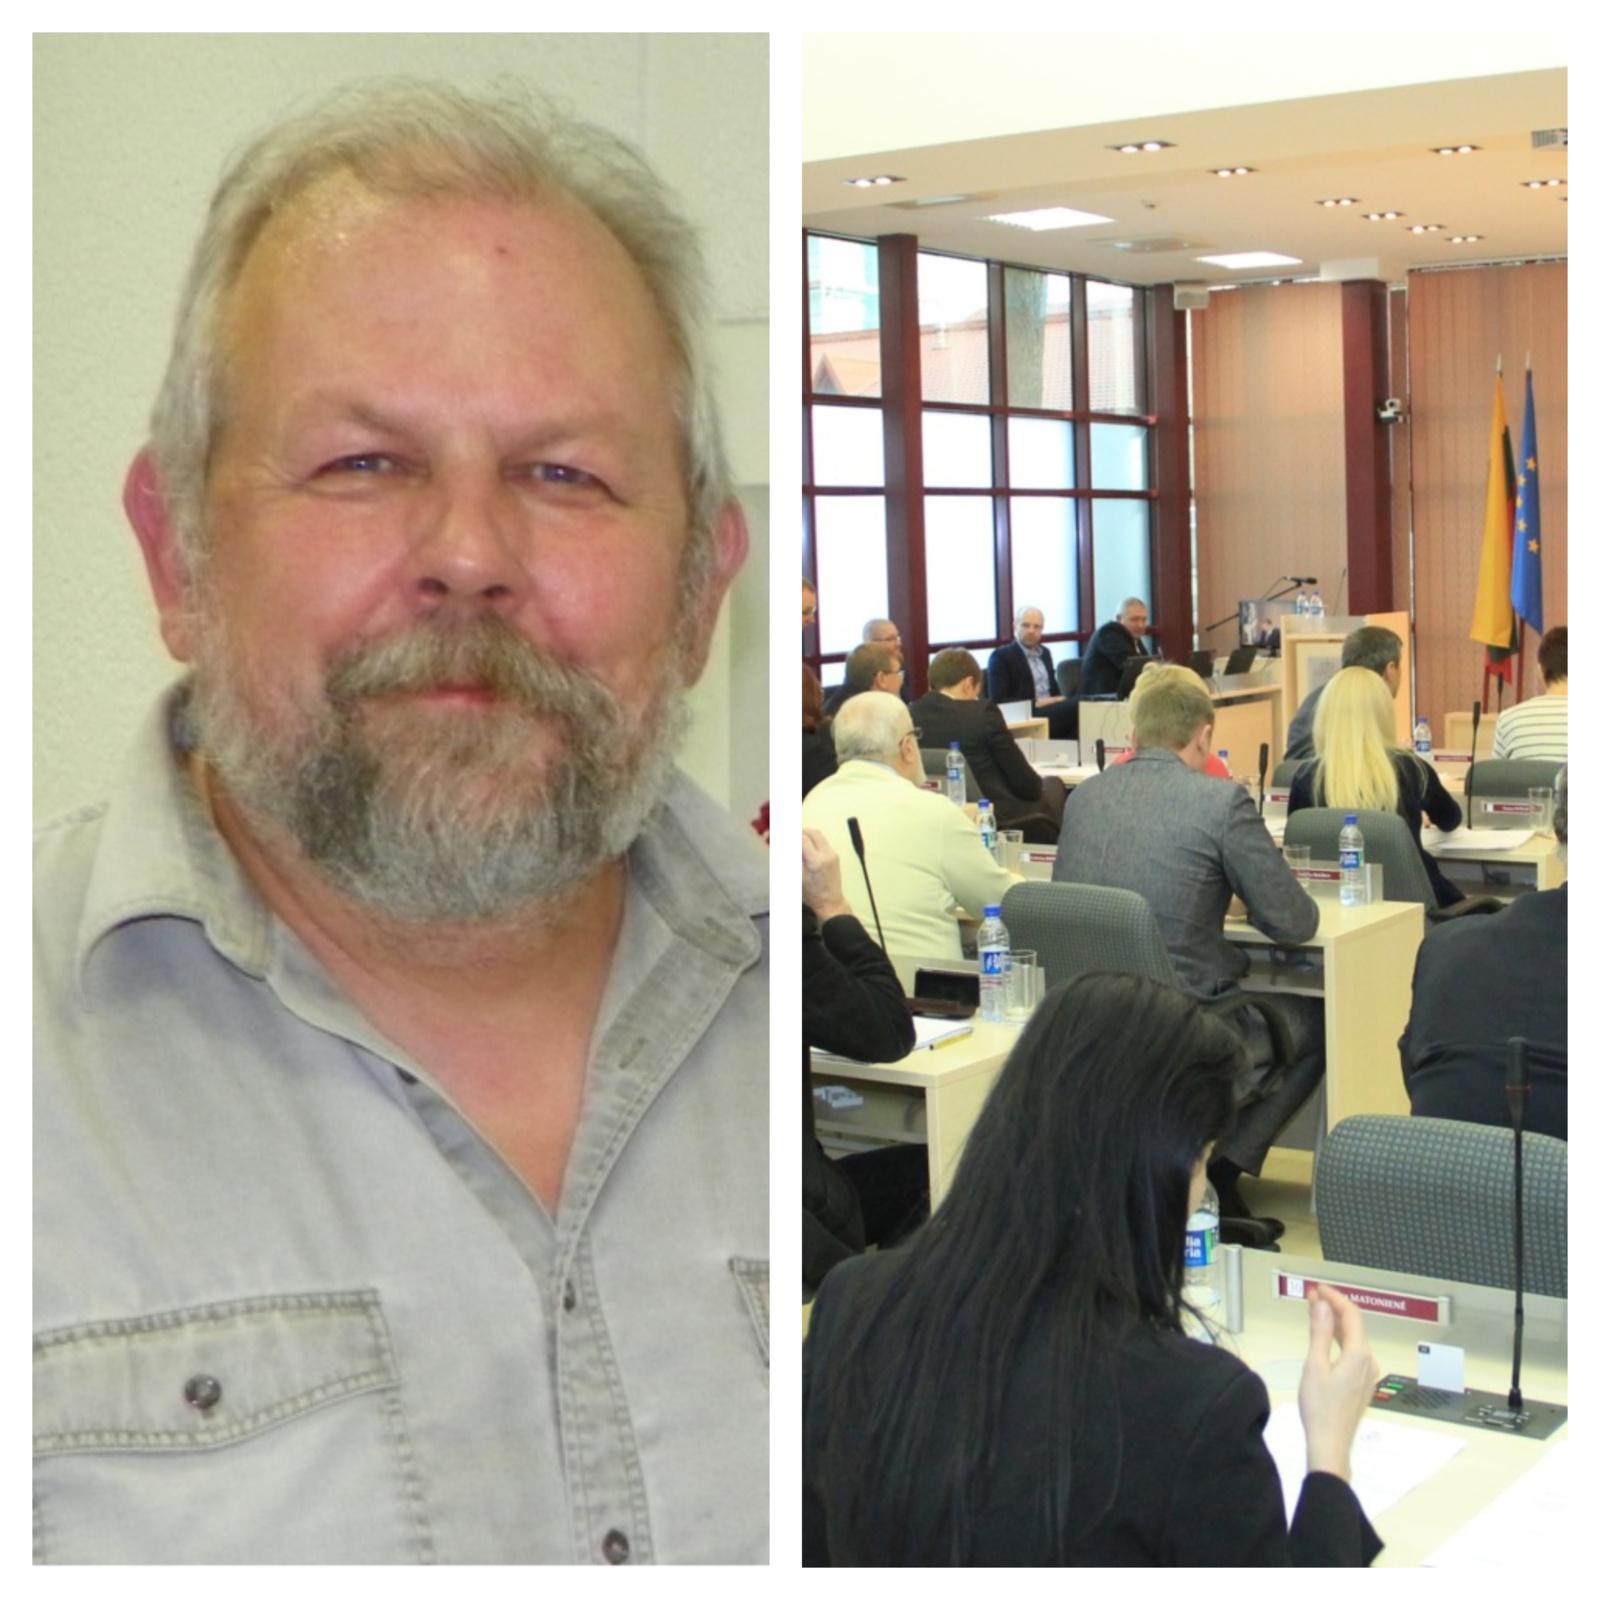 Miesto taryba iš pareigų atleido skandalais pagarsėjusį Švietimo centro vadovą